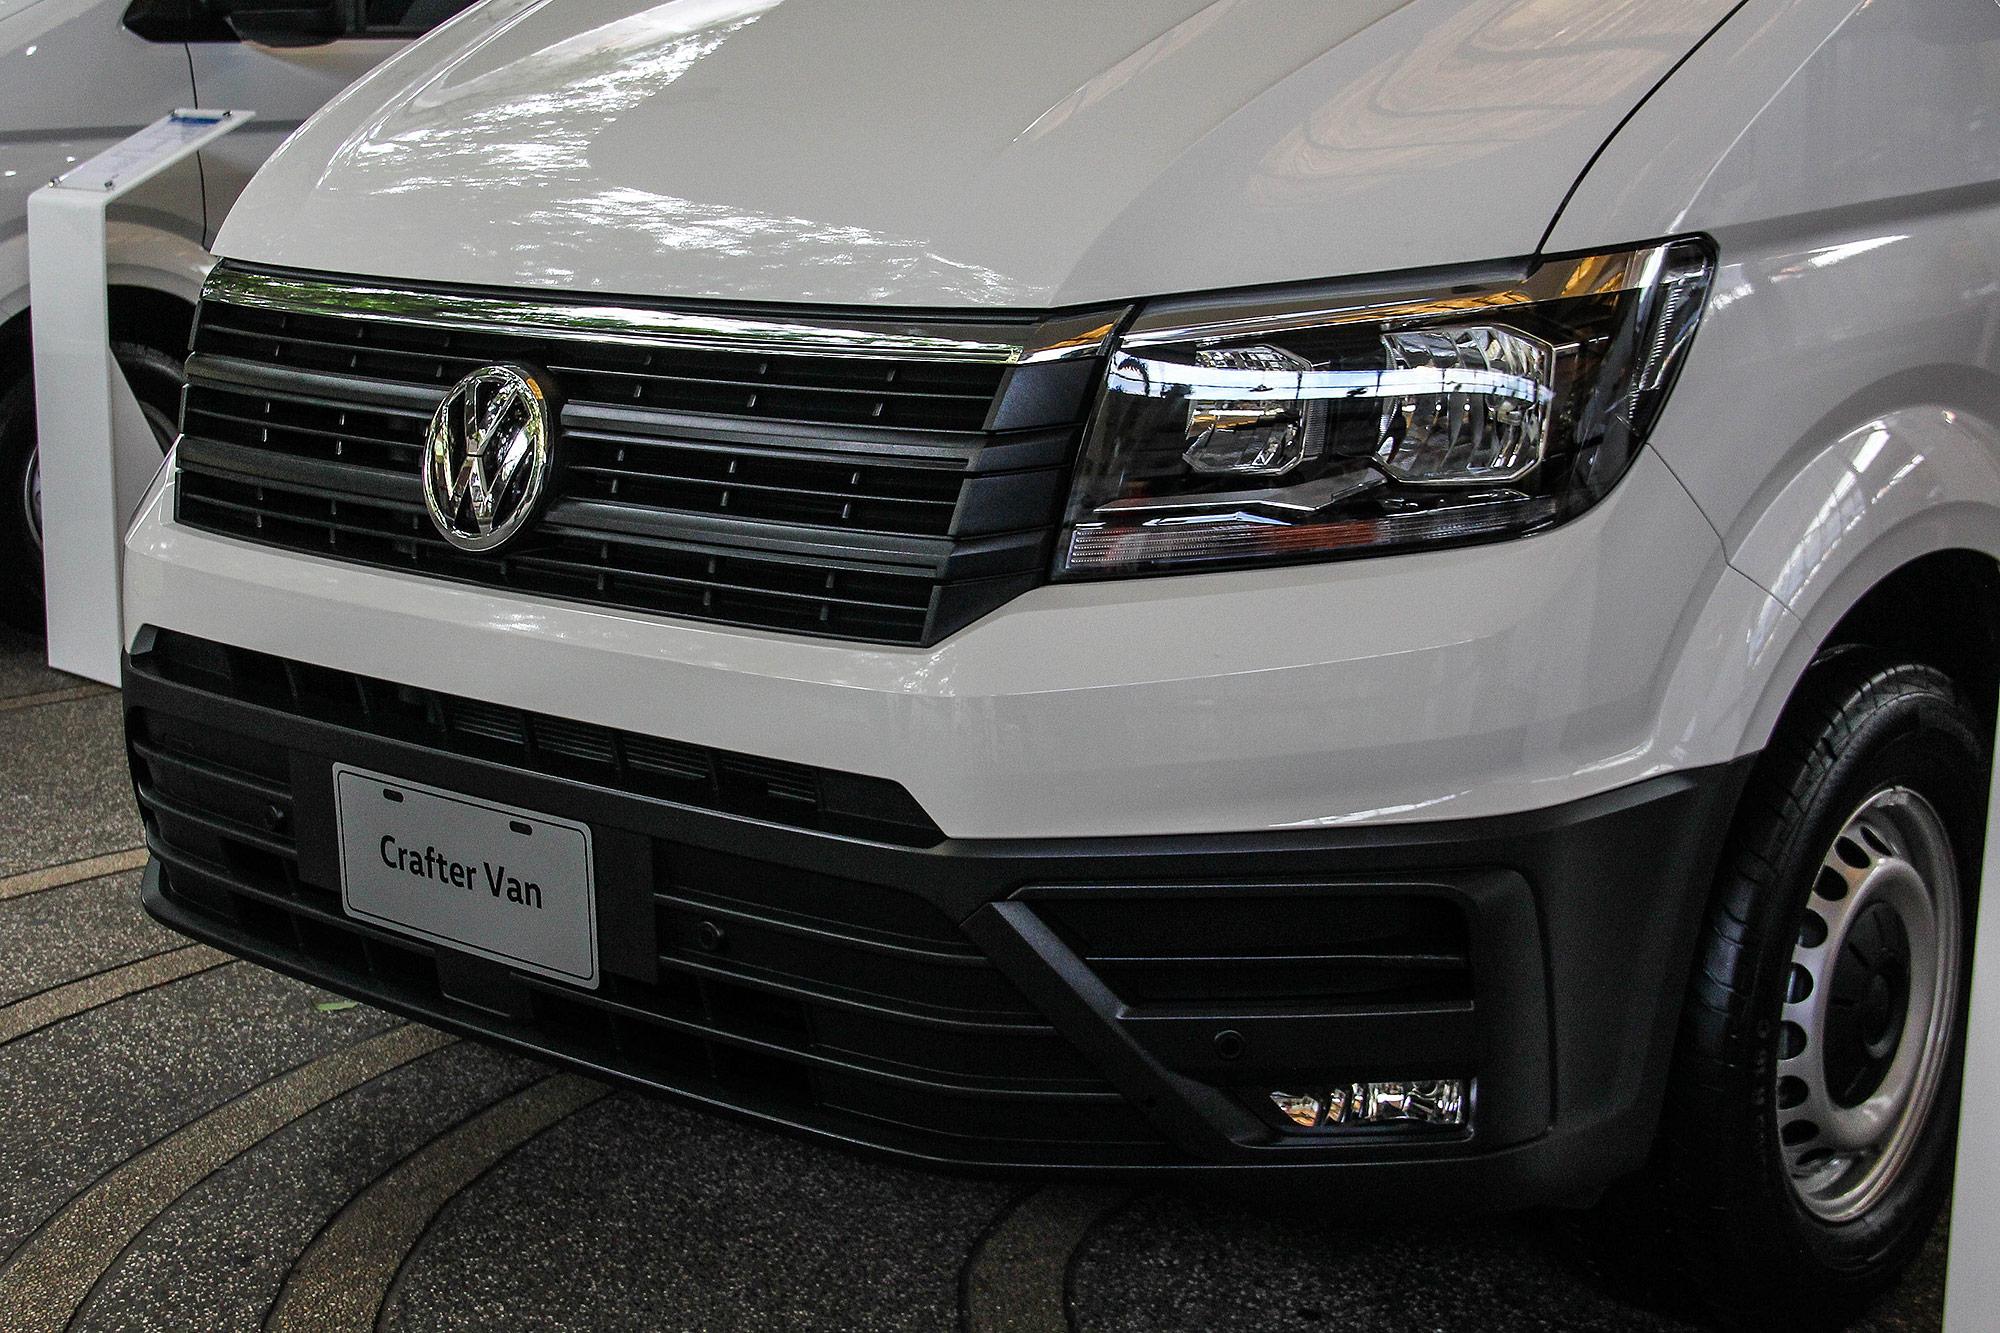 新世代 Crafter 改以 Crafter Van 廂式貨車為主力。